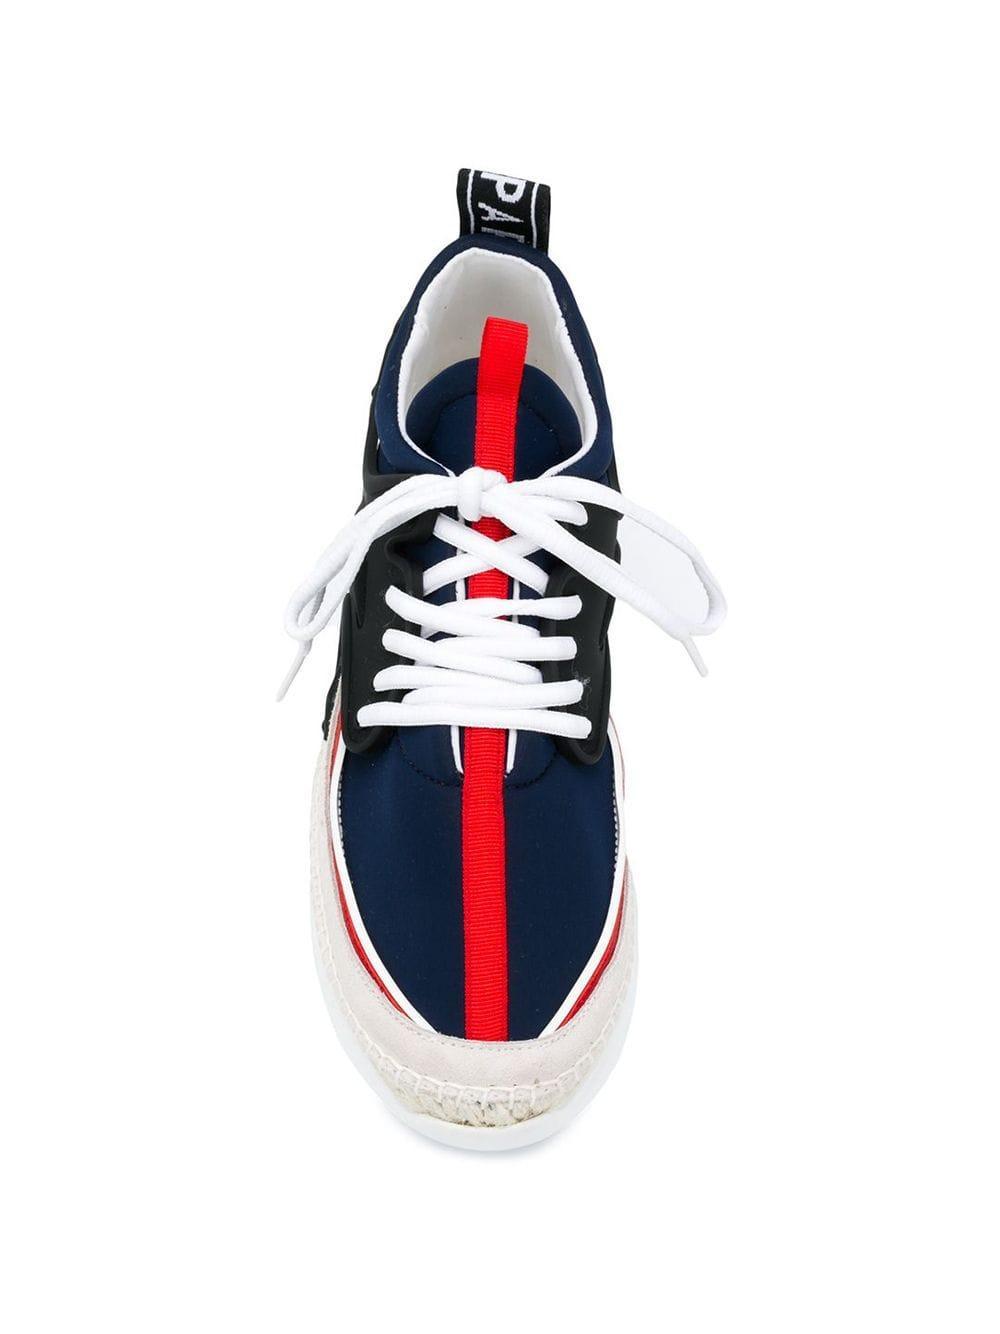 Espadrilles Wedge Sneakers